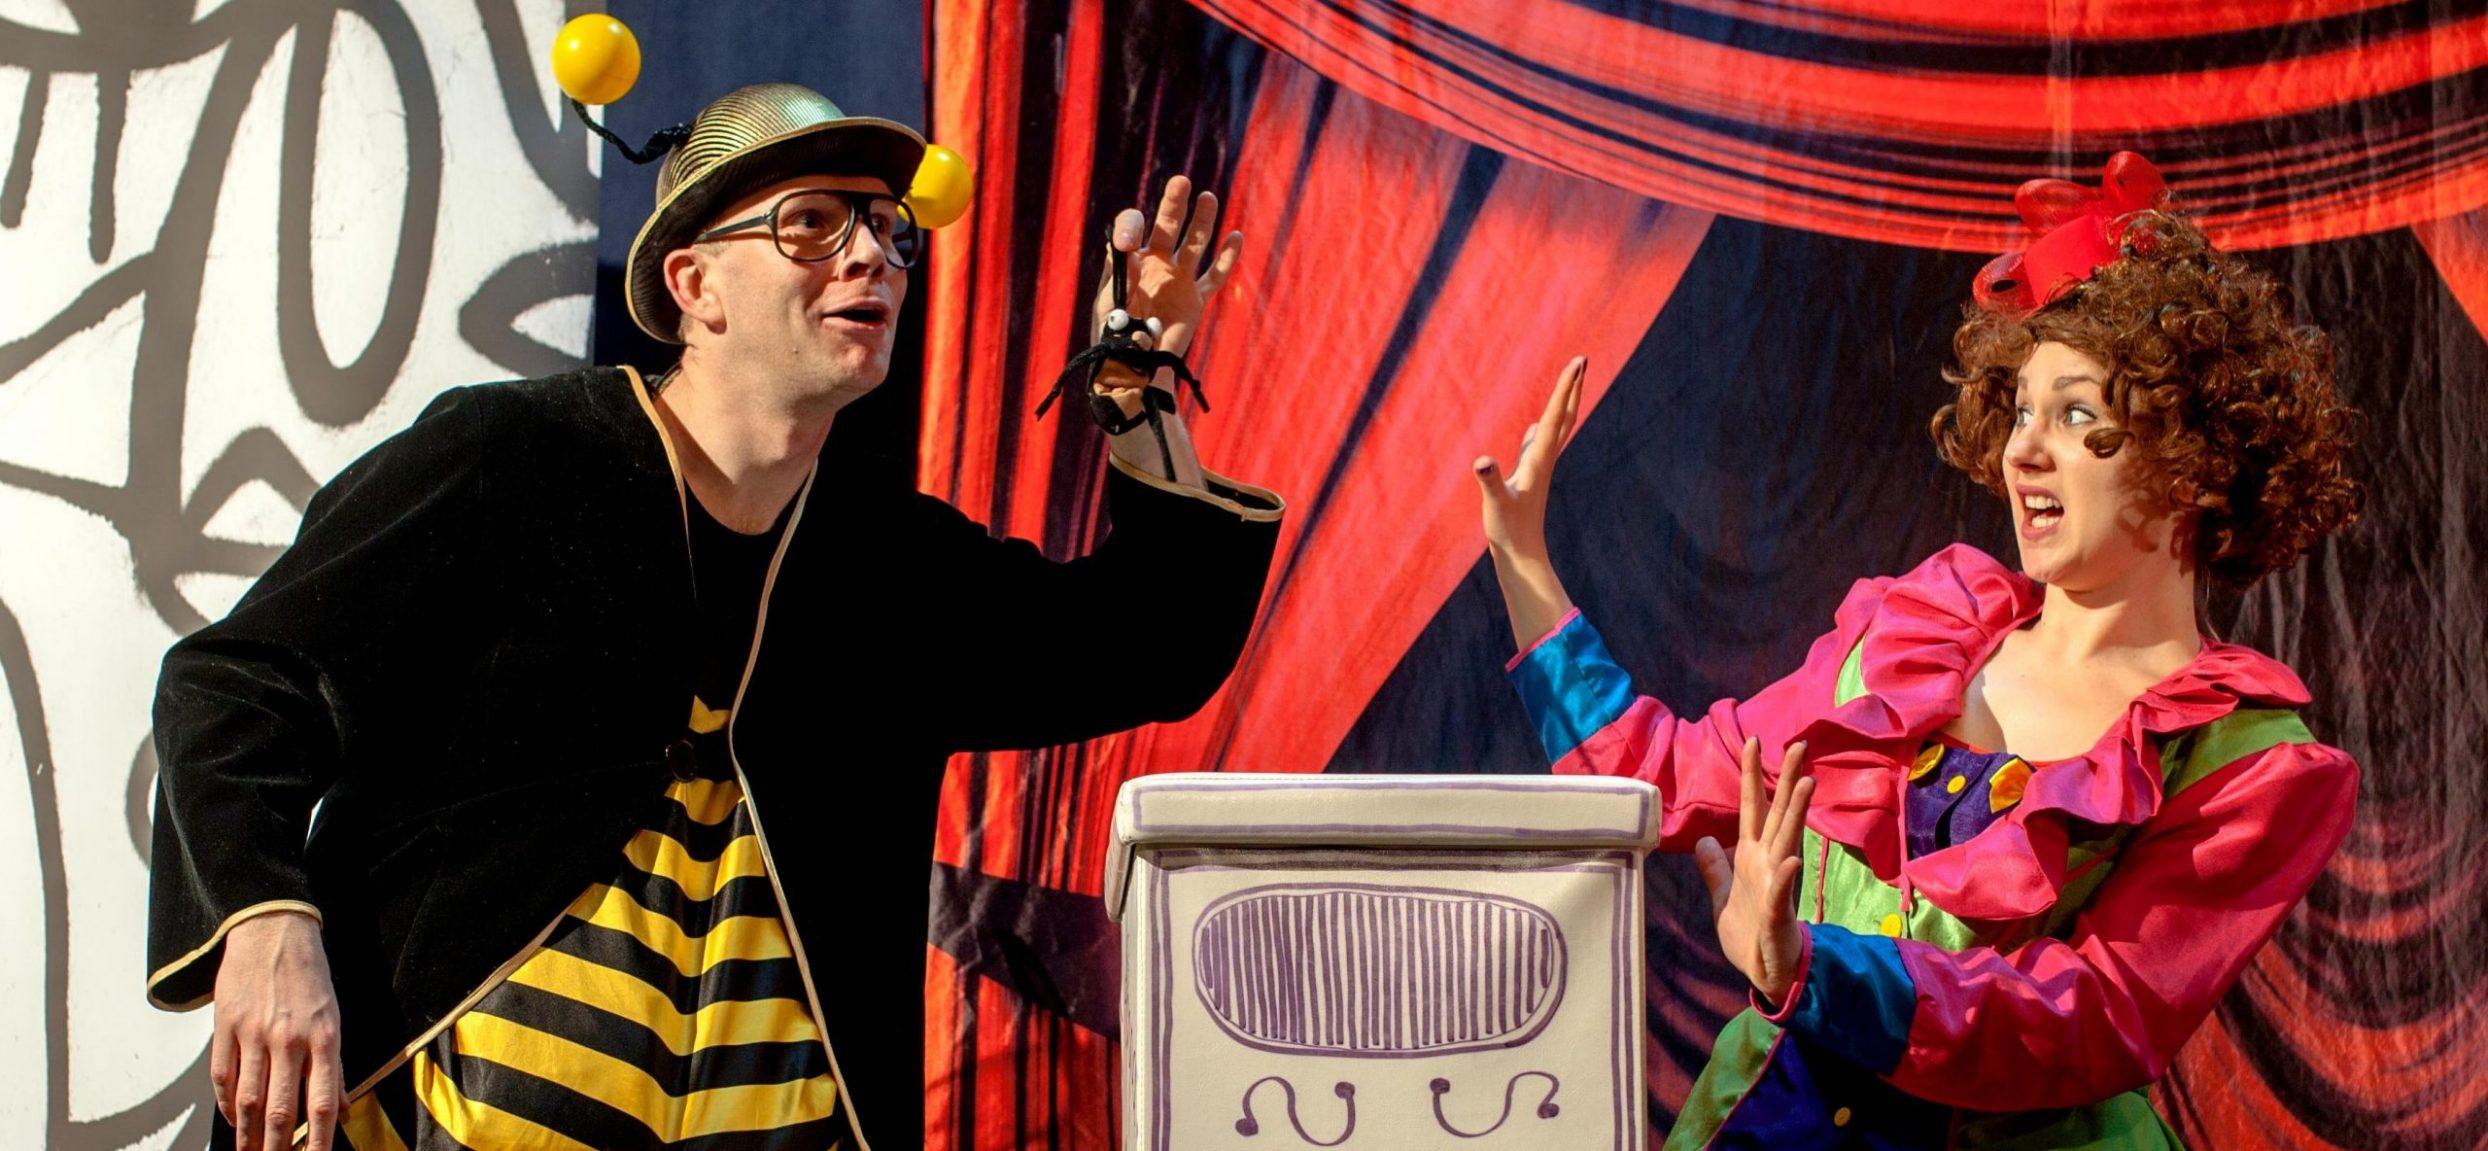 aktorzy na scenie, mężczyzna w stroju pszczoły, kobieta w stroju Pchły Szachrajki